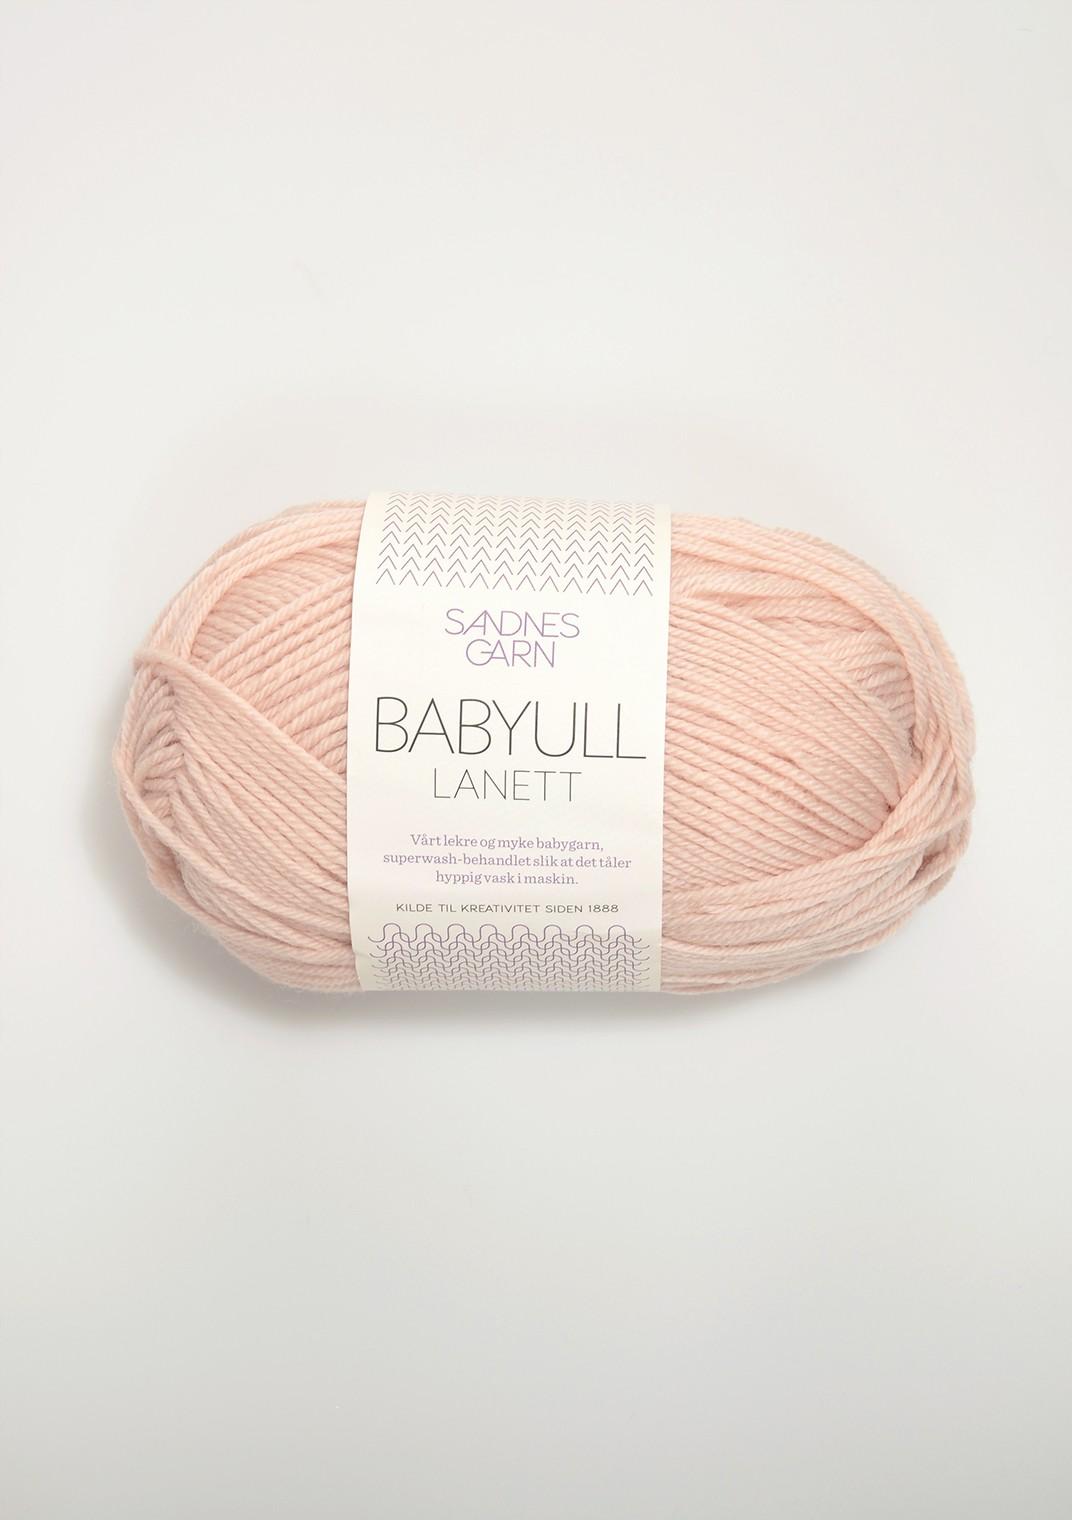 Babyull lanett 3511 puder rosa